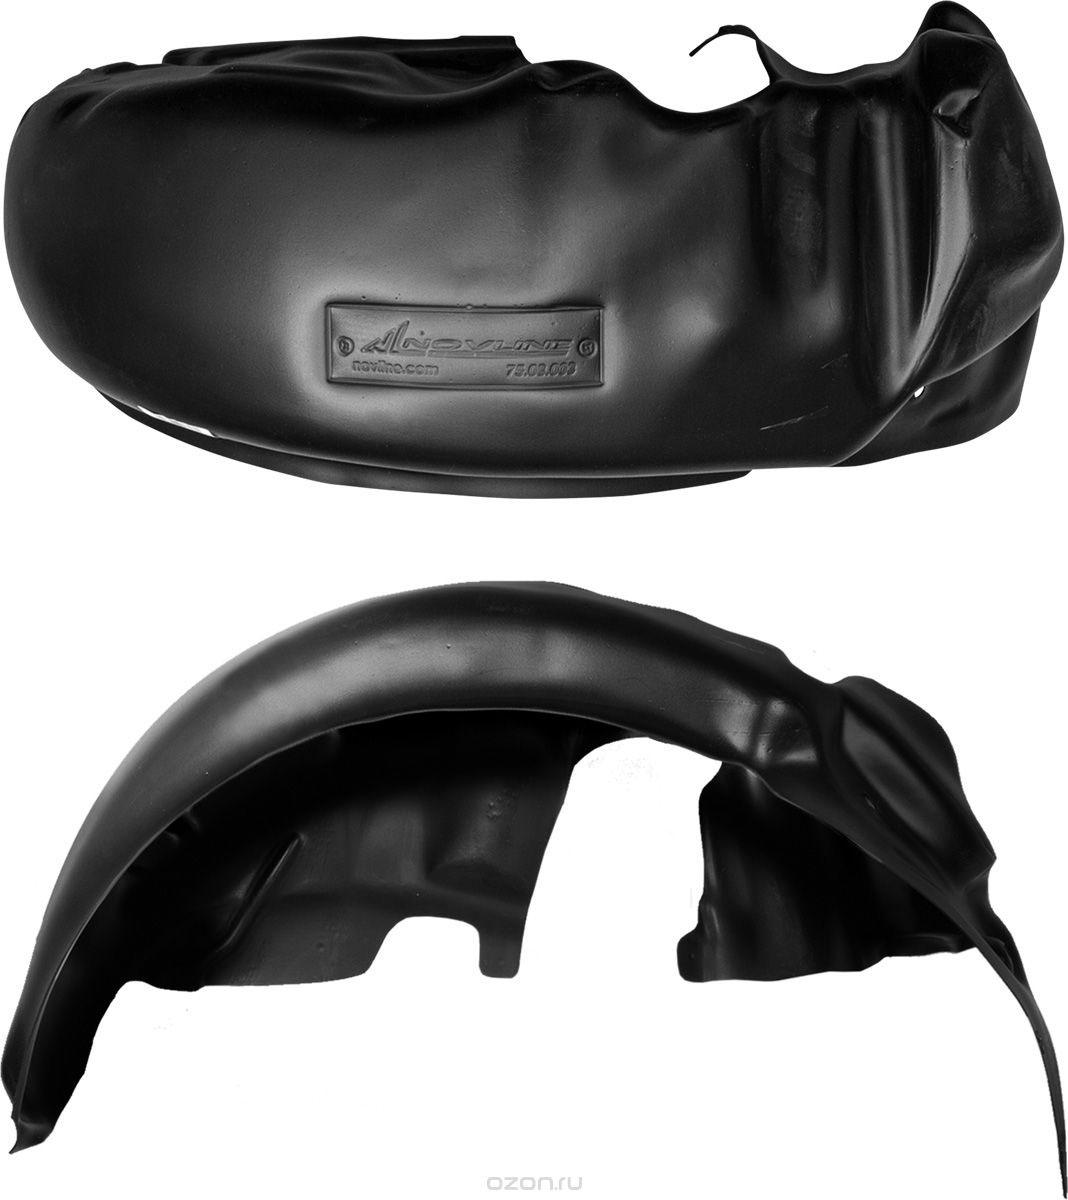 Подкрылок Novline-Autofamily, для КIА Sportage, 2016->, кроссовер, задний правый42803004Идеальная защита колесной ниши. Локеры разработаны с применением цифровых технологий, гарантируют максимальную повторяемость поверхности арки. Изделия устанавливаются без нарушения лакокрасочного покрытия автомобиля, каждый подкрылок комплектуется крепежом. Уважаемые клиенты, обращаем ваше внимание, что фотографии на подкрылки универсальные и не отражают реальную форму изделия. При этом само изделие идет точно под размер указанного автомобиля.